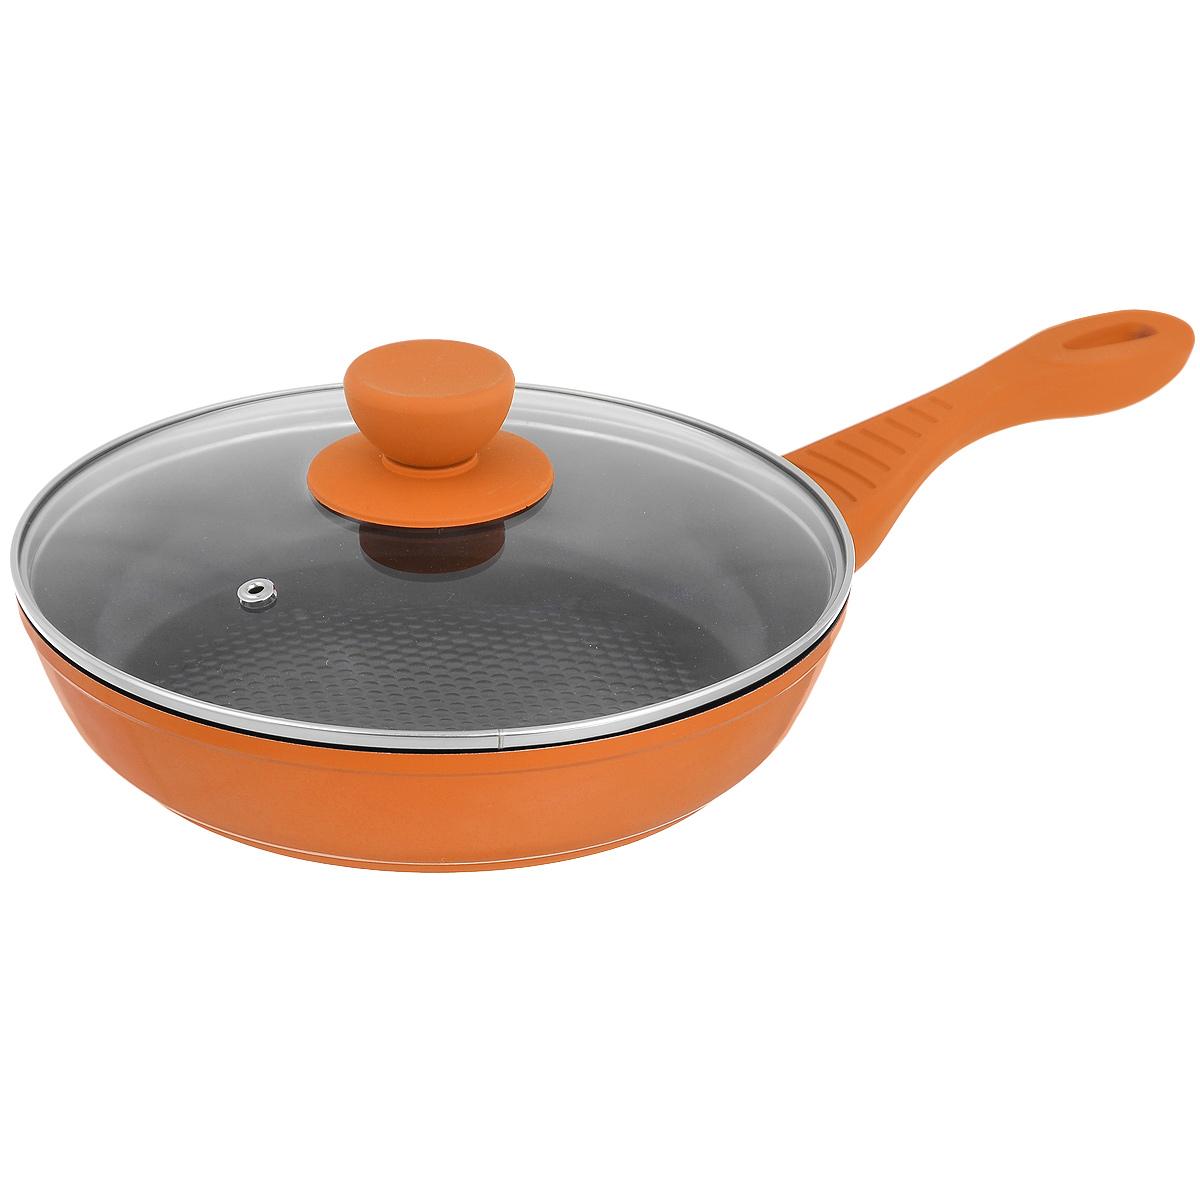 Сковорода Bohmann с крышкой, с керамическим 3D покрытием, цвет: оранжевый. Диаметр 20 см. 7020BH/3D7020BH/3D оранжевыйСковорода Bohmann изготовлена из литого алюминия с антипригарным керамическим покрытием черного цветас эффектом 3D. Внешнее покрытие - жаростойкий лак, который сохраняет цвет долгое время. Благодарякерамическому покрытию пища не пригорает и не прилипает к поверхности сковороды, что позволяет готовить сминимальным количеством масла. Кроме того, такое покрытие абсолютно безопасно для здоровья человека, таккак не содержит вредной примеси PFOA. Рифленая внутренняя поверхность сковороды обеспечивает быстрое илегкое приготовление. Она также оформлена рисунком в виде голубых кружков с эффектом 3D. Достоинства керамического покрытия:- устойчивость к высоким температурам и резким перепадам температур,- устойчивость к царапающим кухонным принадлежностям и абразивным моющим средствам,- устойчивость к коррозии,- водоотталкивающий эффект,- покрытие способствует испарению воды во время готовки,- длительный срок службы,- безопасность для окружающей среды и человека.Сковорода быстро разогревается, распределяя тепло по всей поверхности, что позволяет готовить вэнергосберегающем режиме, значительно сокращая время, проведенное у плиты.Сковорода оснащена ручкой, выполненной из бакелита с термостойким силиконовым покрытием. Такая ручка ненагревается в процессе готовки и обеспечивает надежный хват. Крышка изготовлена из жаропрочного стекла,оснащена ручкой, отверстием для выпуска пара и металлическим ободом. Благодаря такой крышке можно следитьза приготовлением пищи без потери тепла.Подходит для всех типов плит, кроме индукционных.Подходит для чистки в посудомоечной машине.